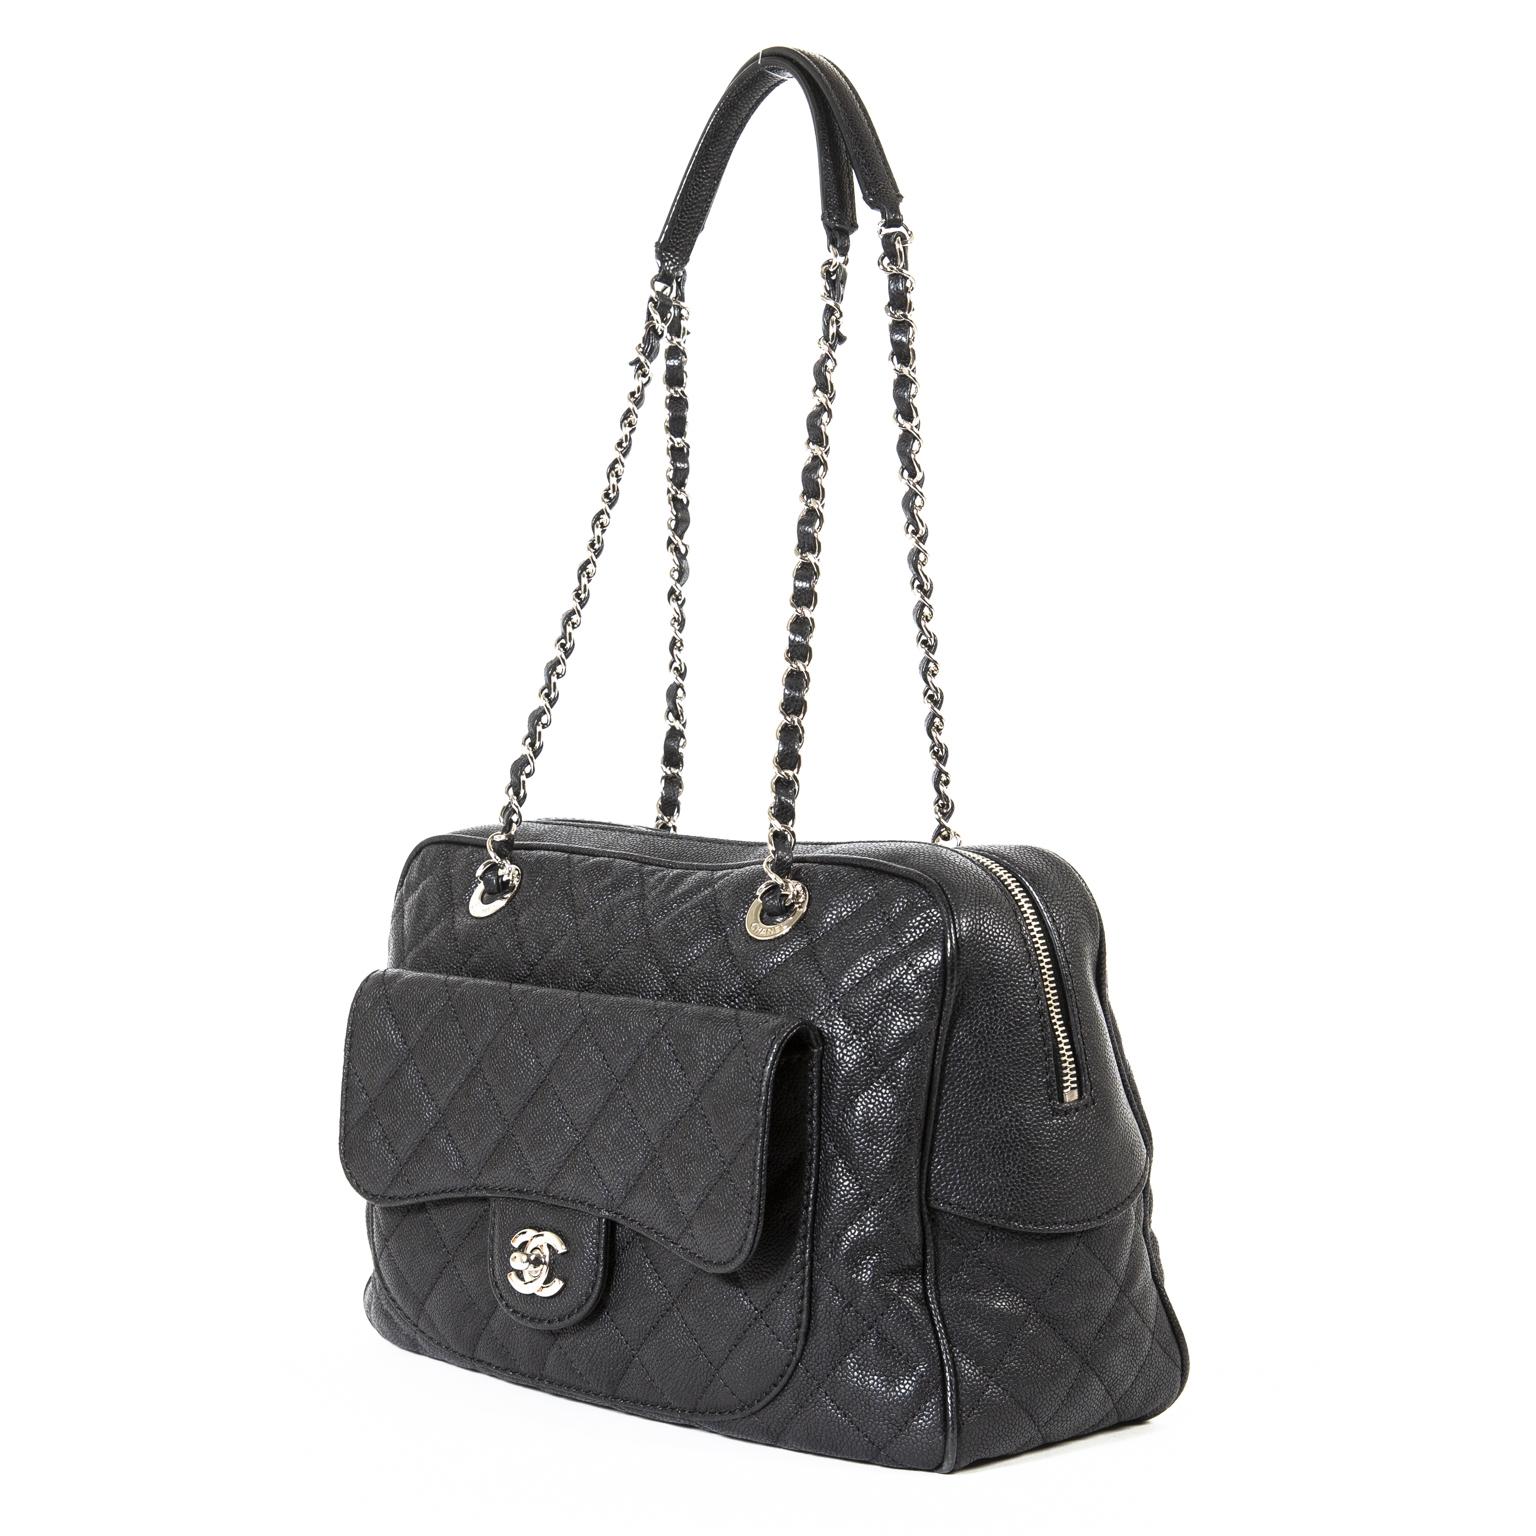 chanel caviar paradoxal camera shoulder bag now for sale at labellov vintage fashion webshop belgium